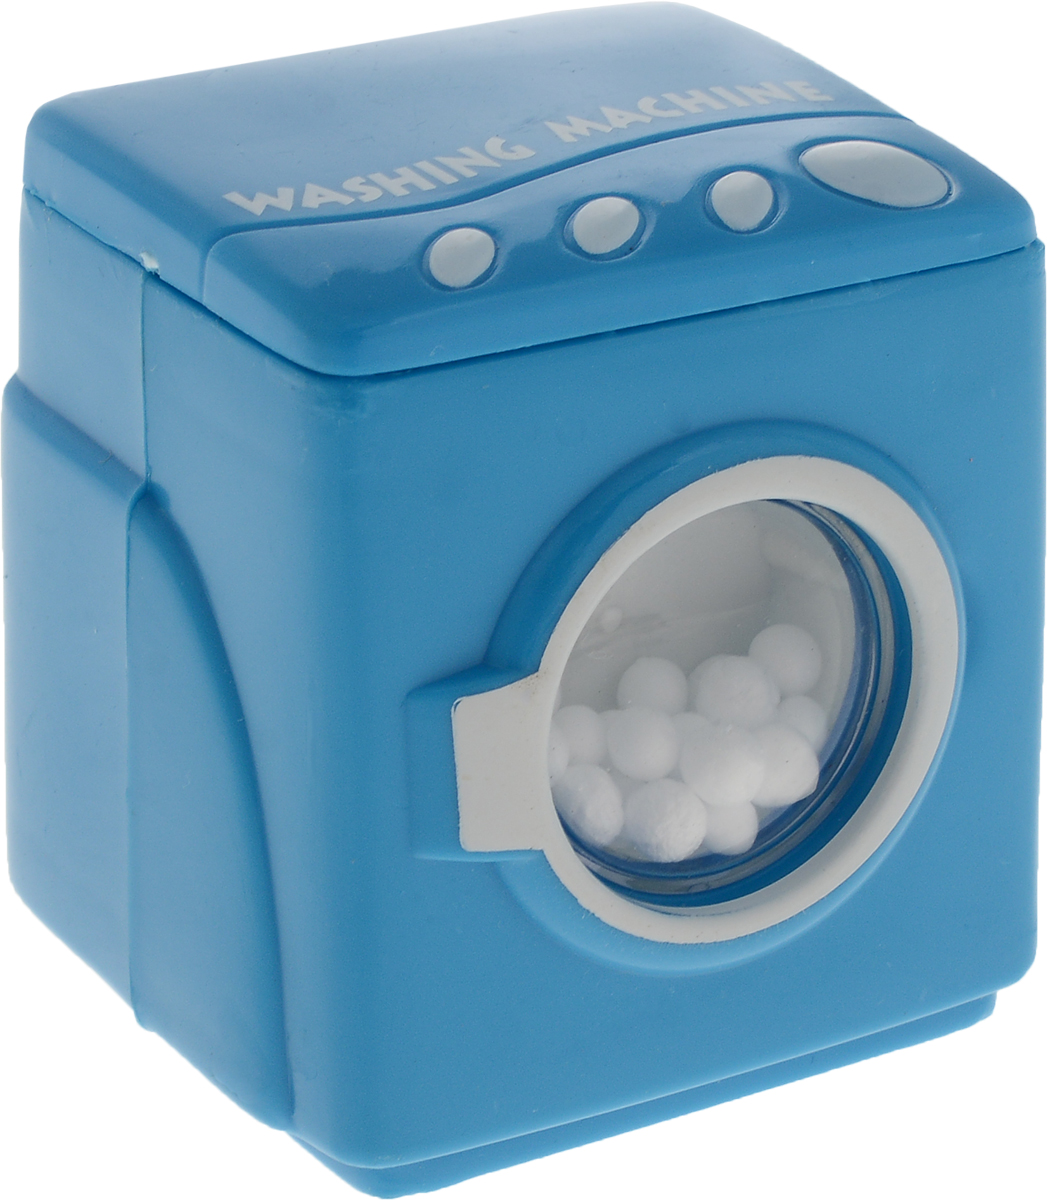 EstaBella Заводная игрушка Стиральная машина цвет голубой стиральная машина bomann wa 5716